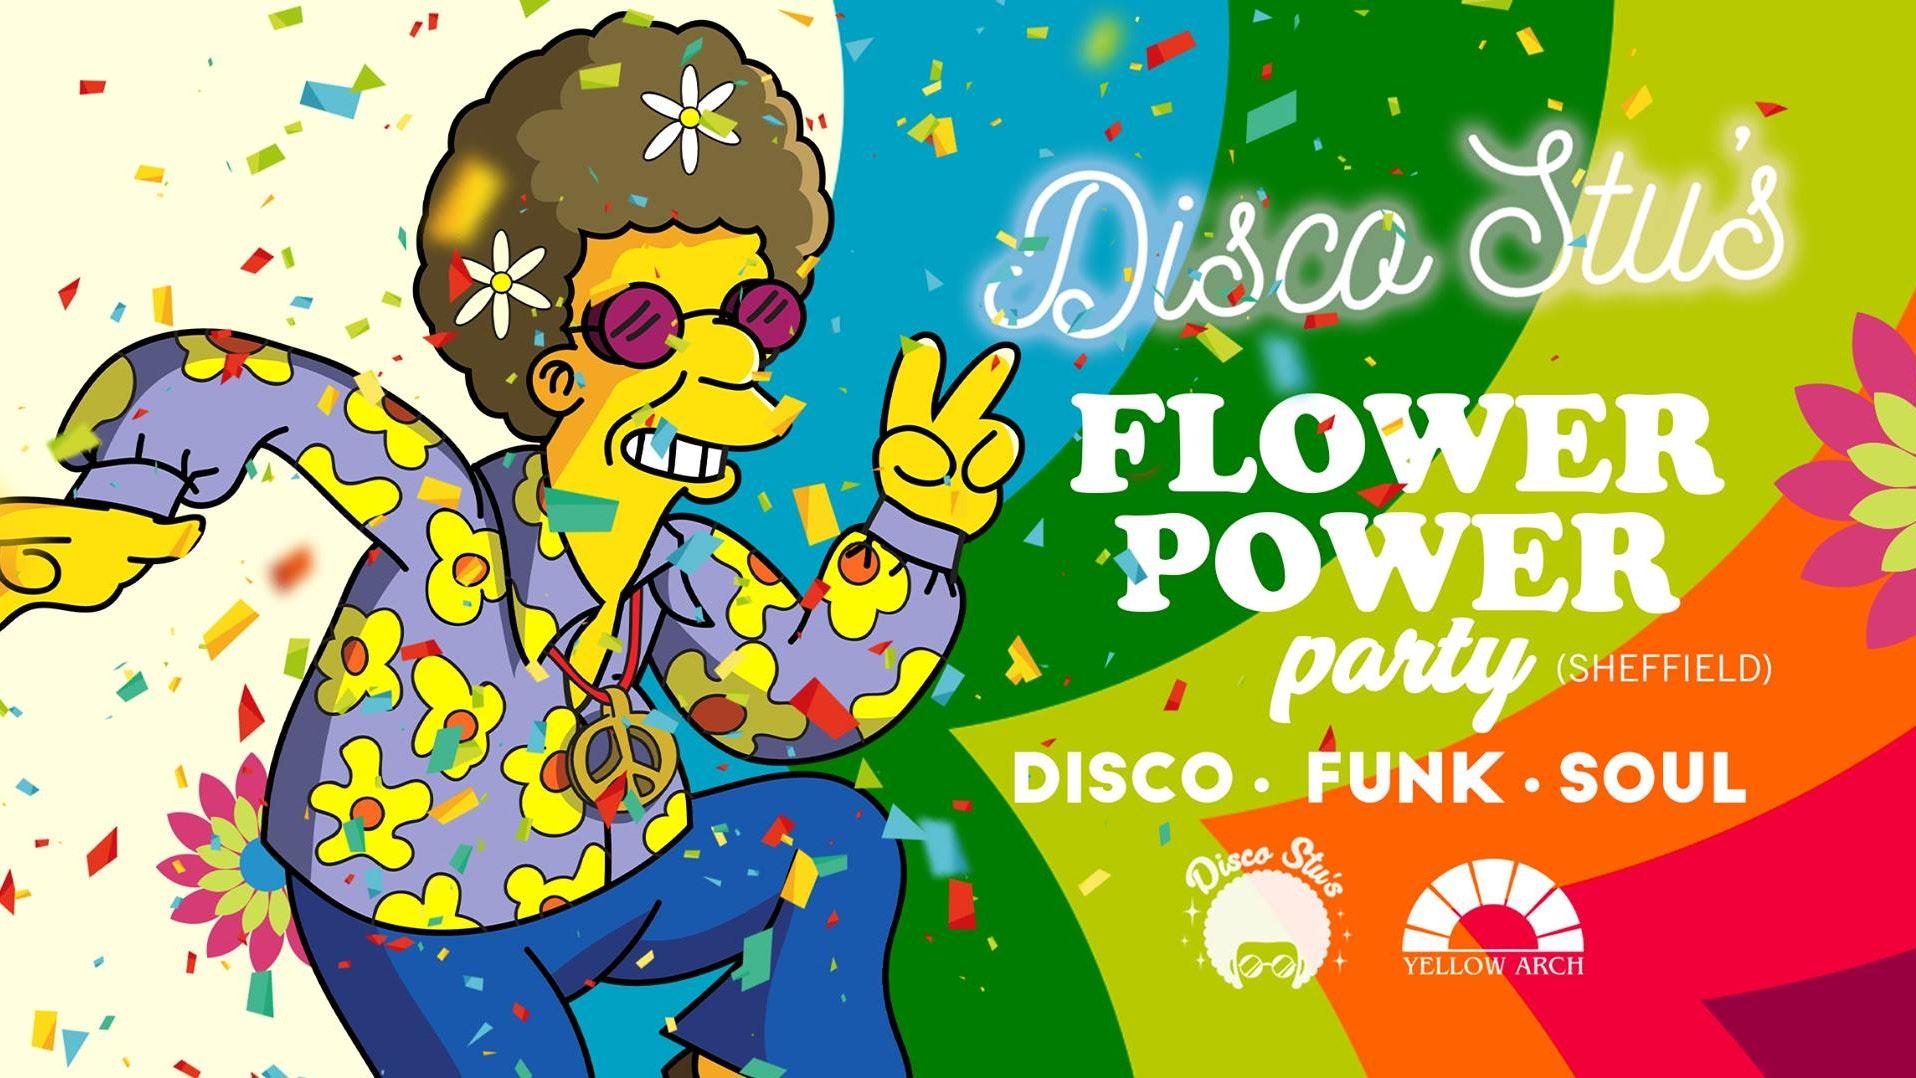 Disco Stu's – Flower Power Party